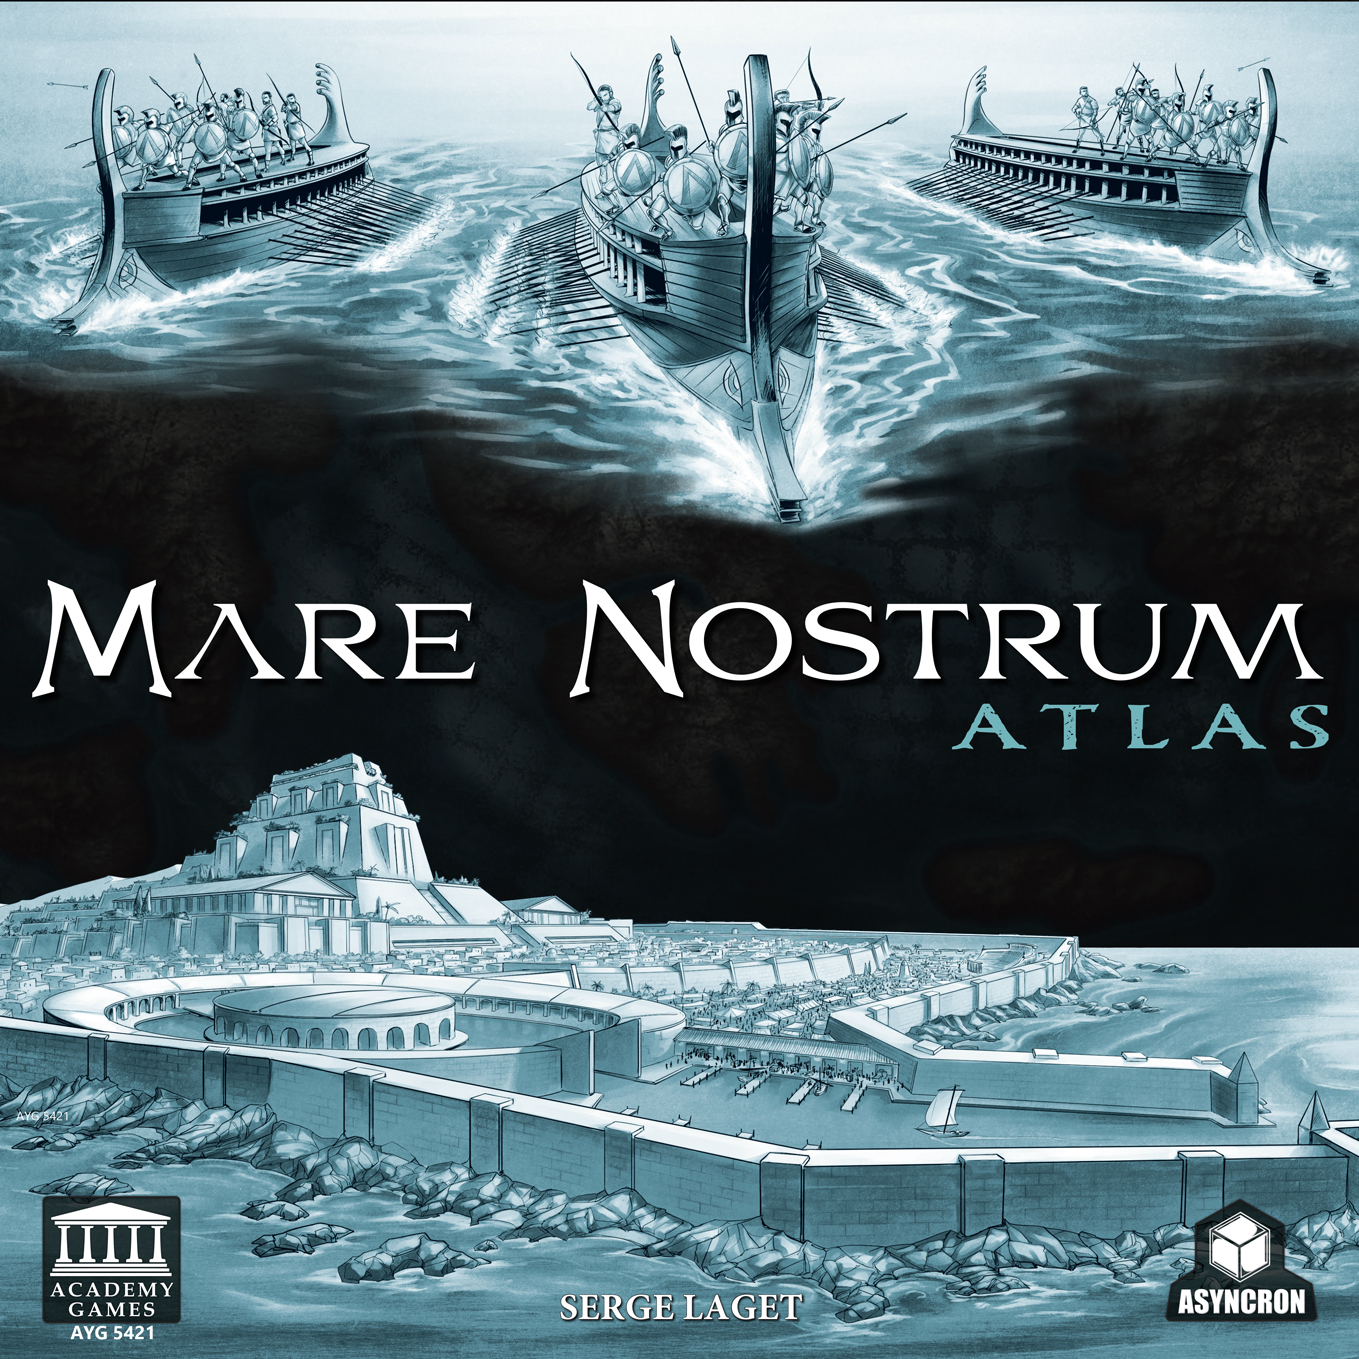 Mare Nostrum Backgrounds, Compatible - PC, Mobile, Gadgets| 1359x1359 px